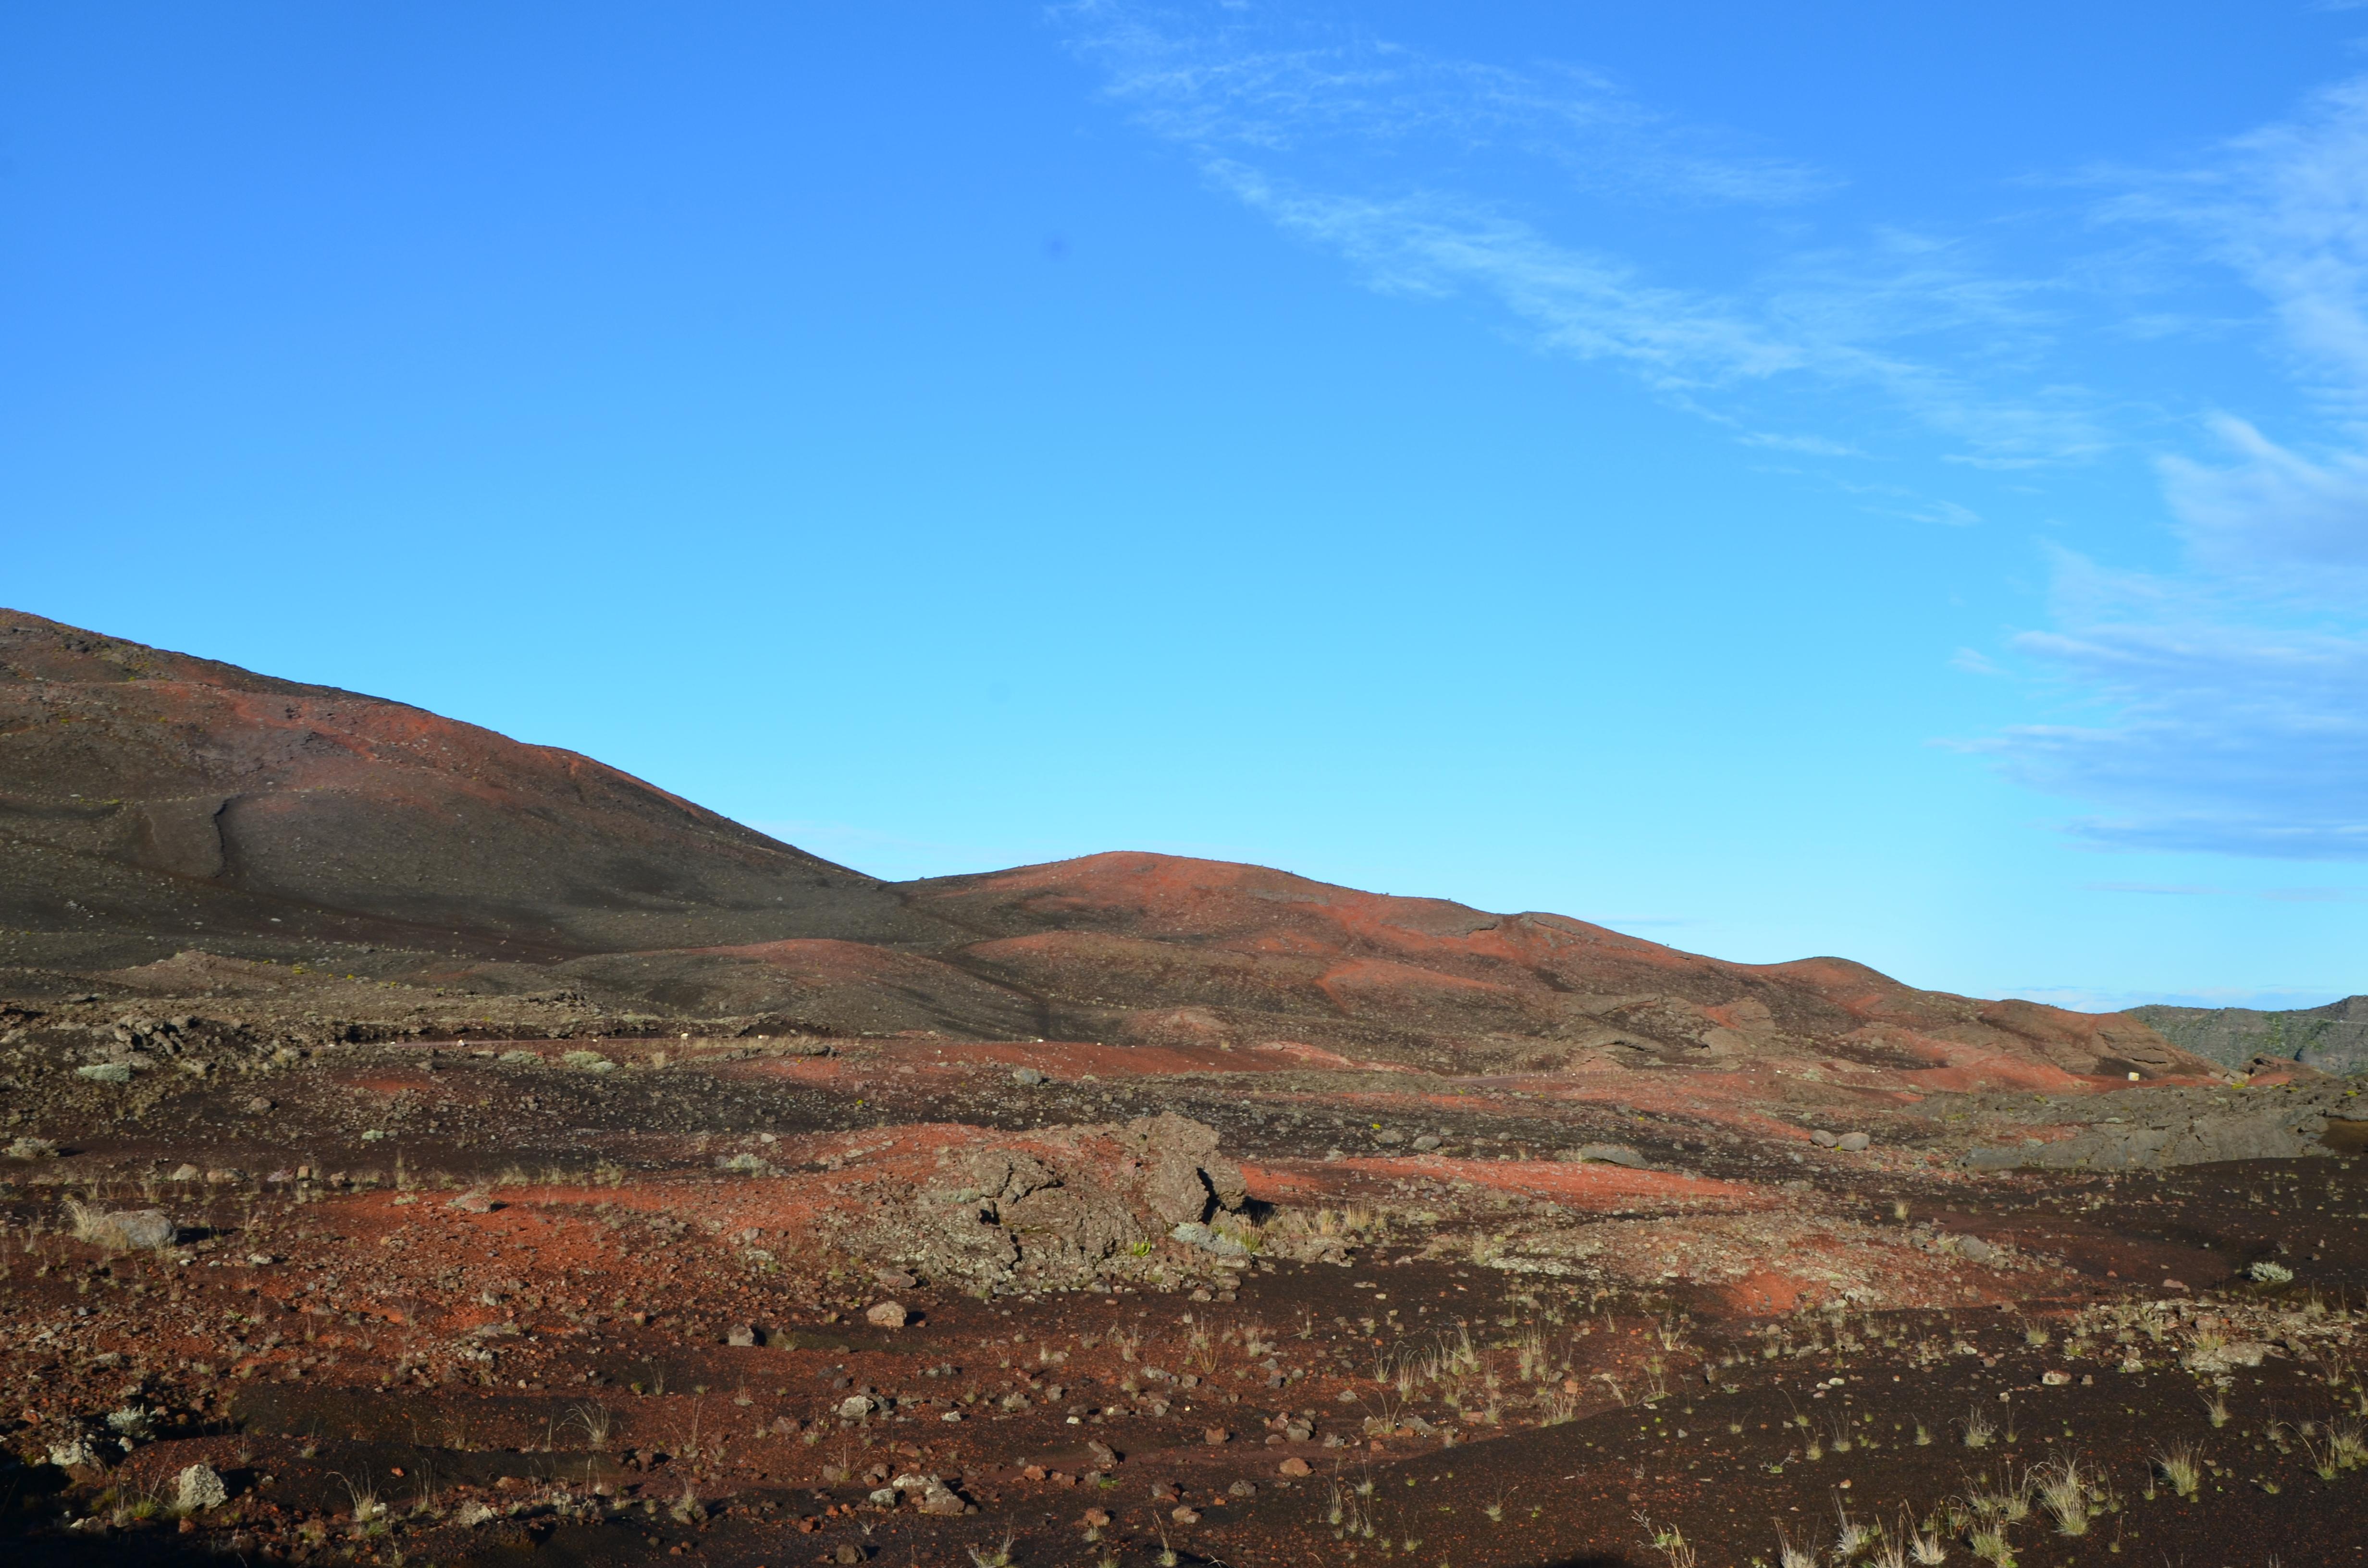 La plaine des sables, à la Réunion. Volcan du Piton de la Fournaise.